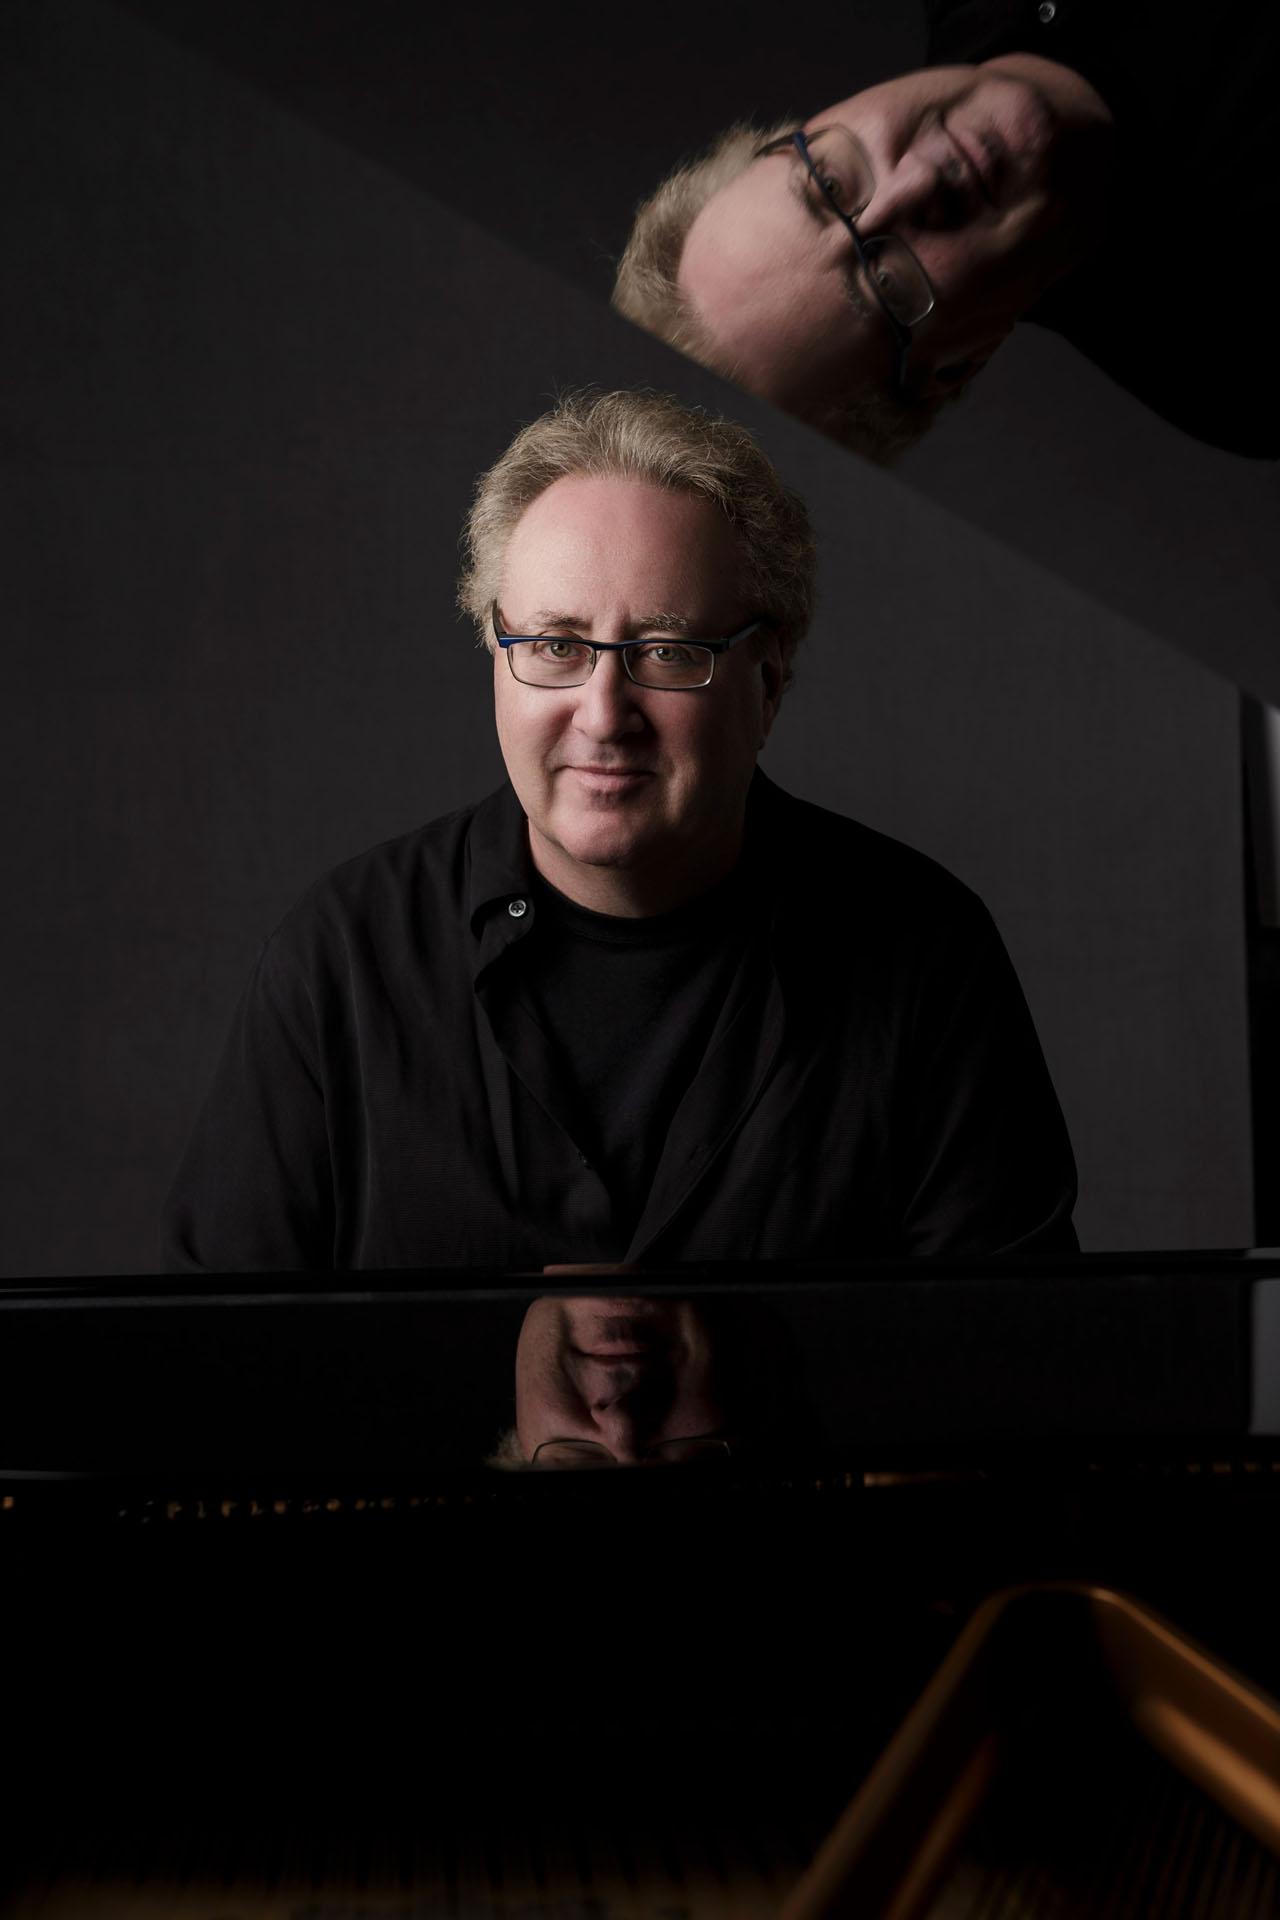 David Spagnolo